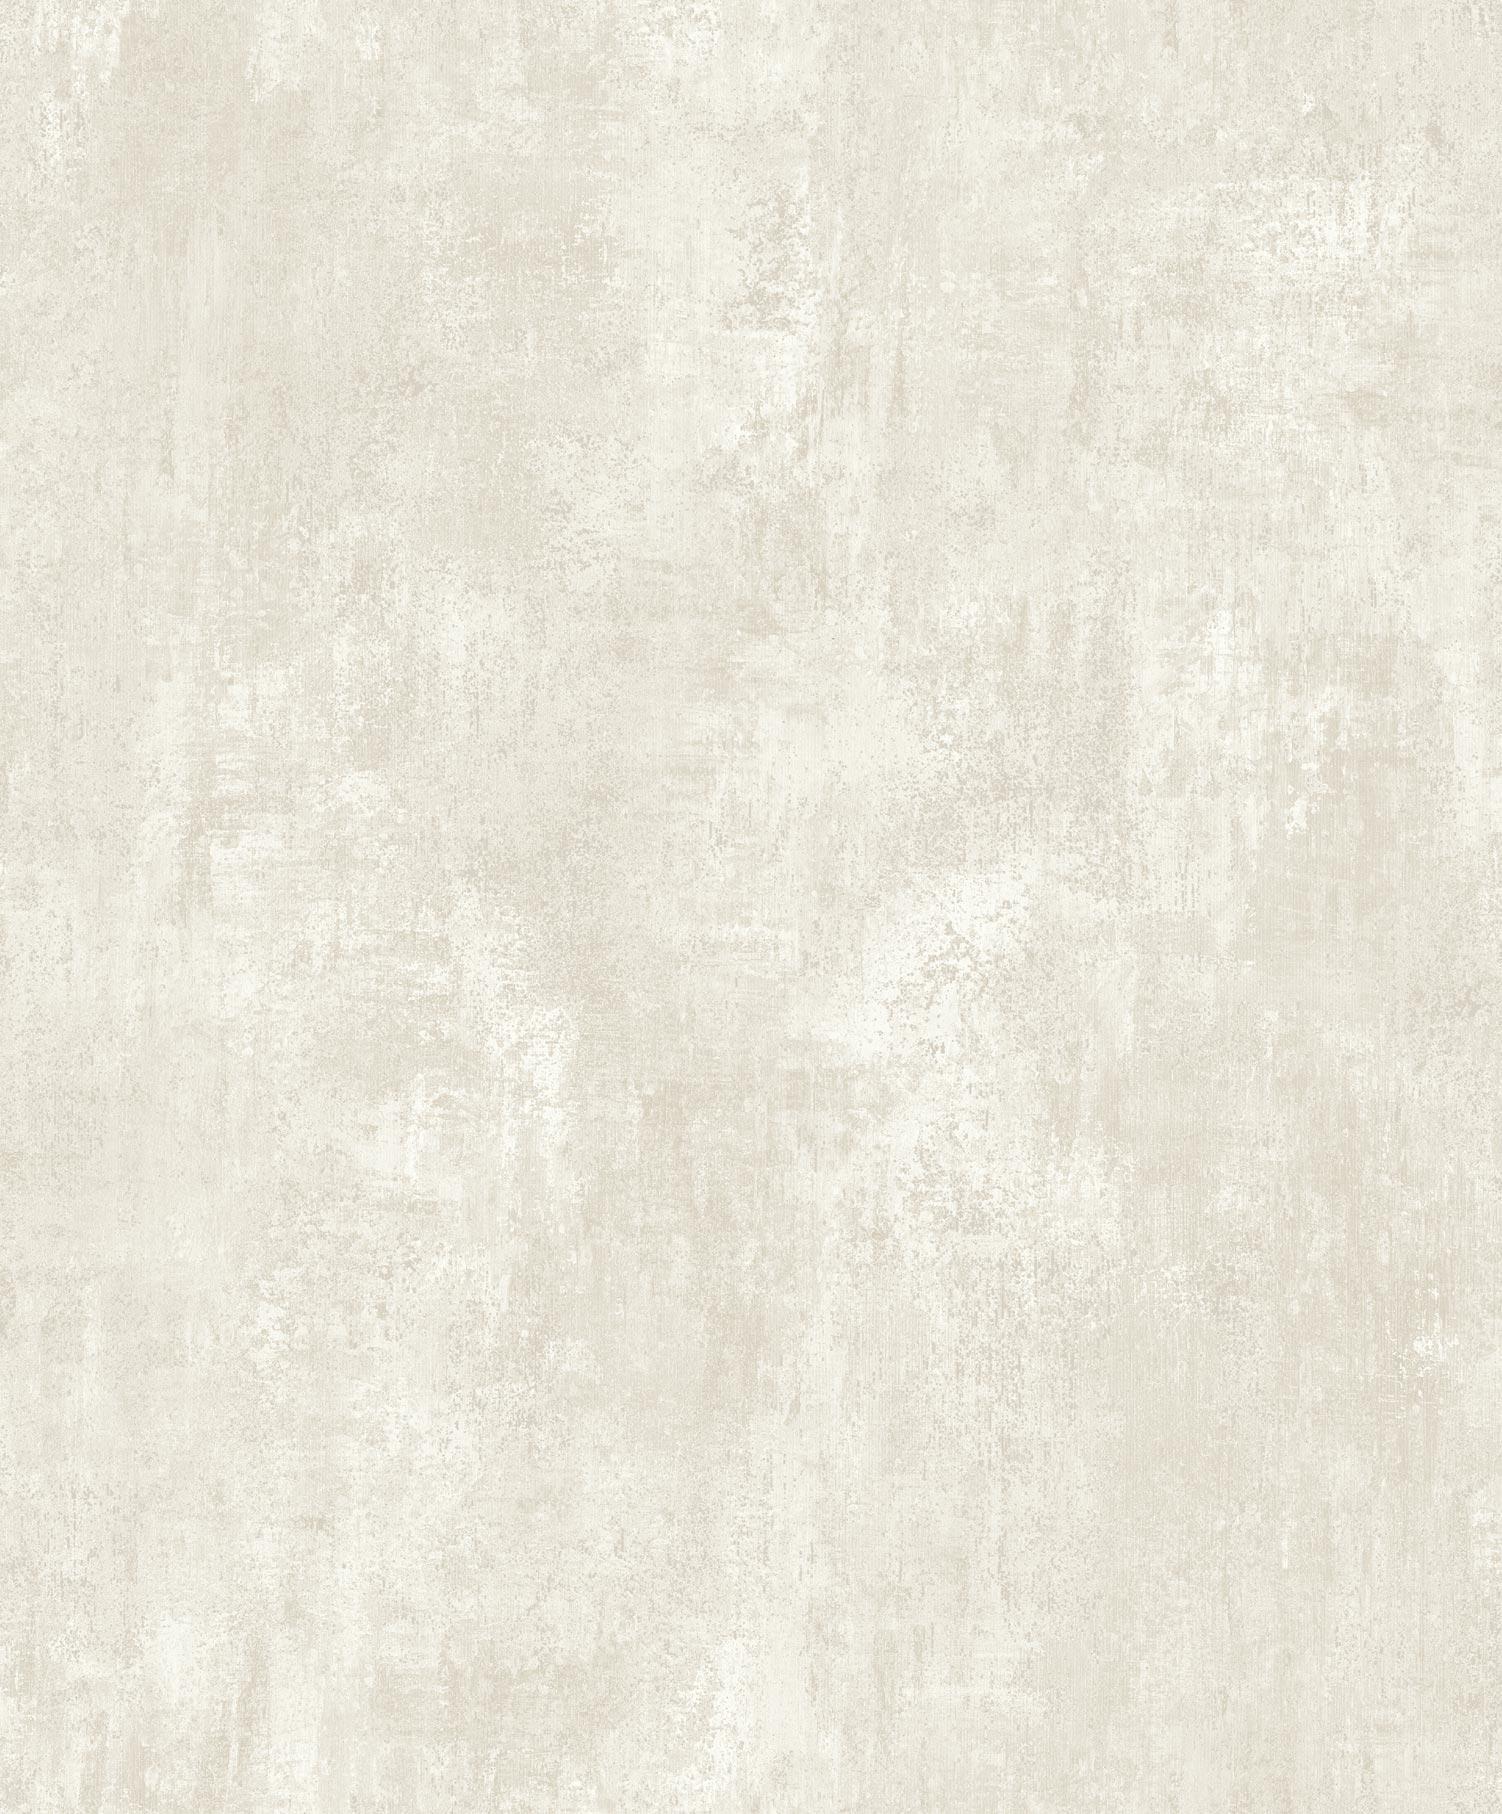 Обои Ugepa Couleurs j74317 (Угепа)